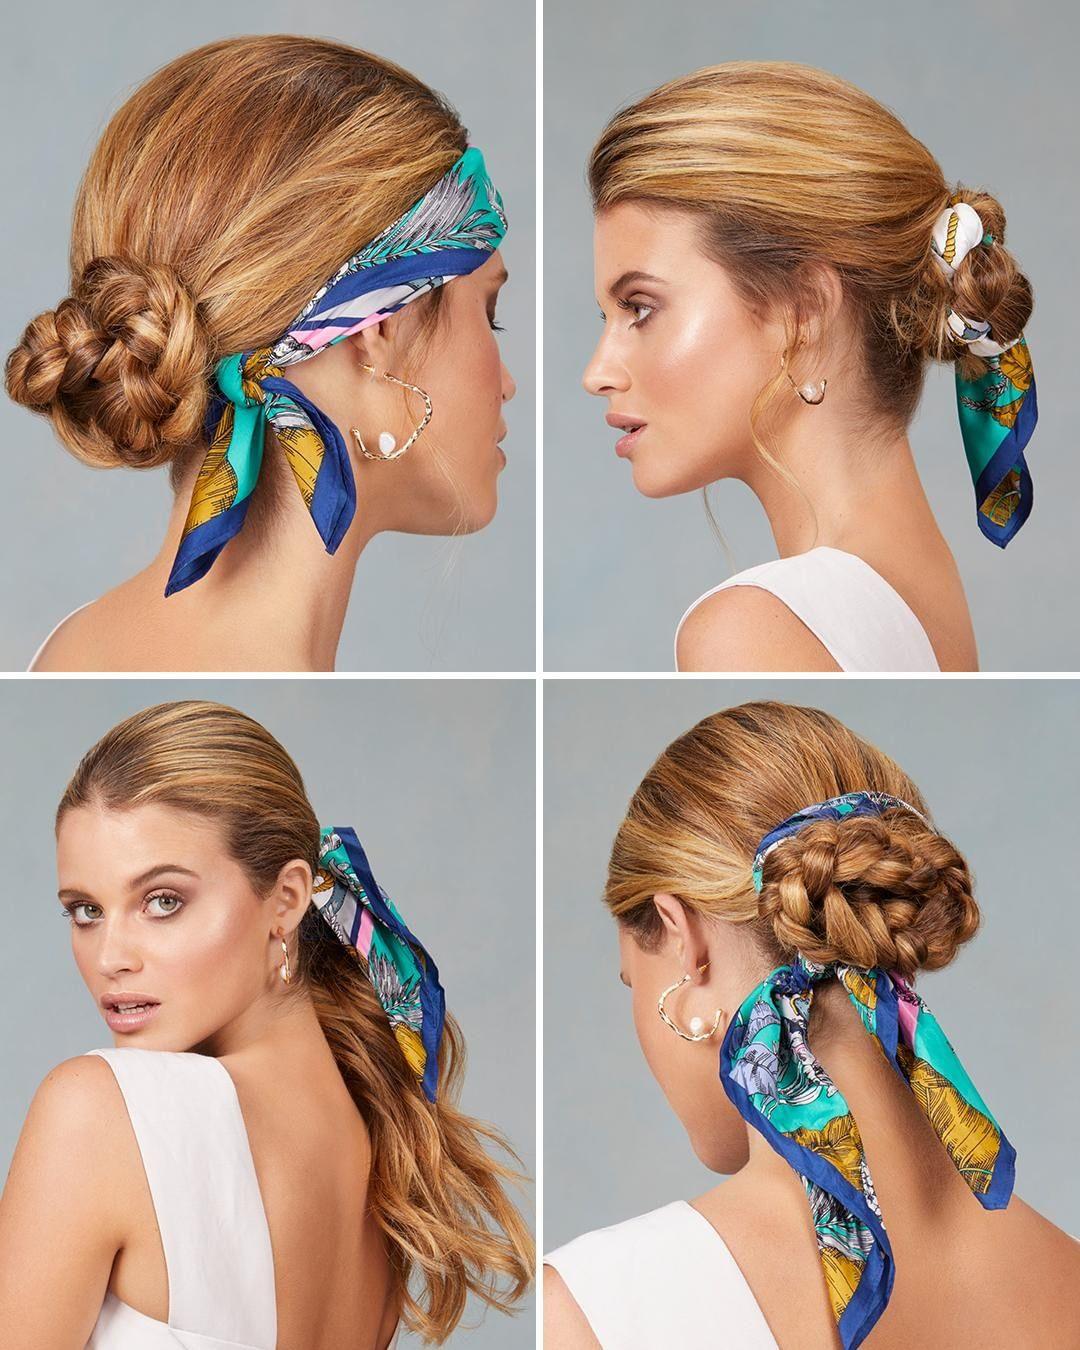 Biến thời gian làm tóc thành niềm vui với 5 kiểu tóc búi lệch này - Hình 2